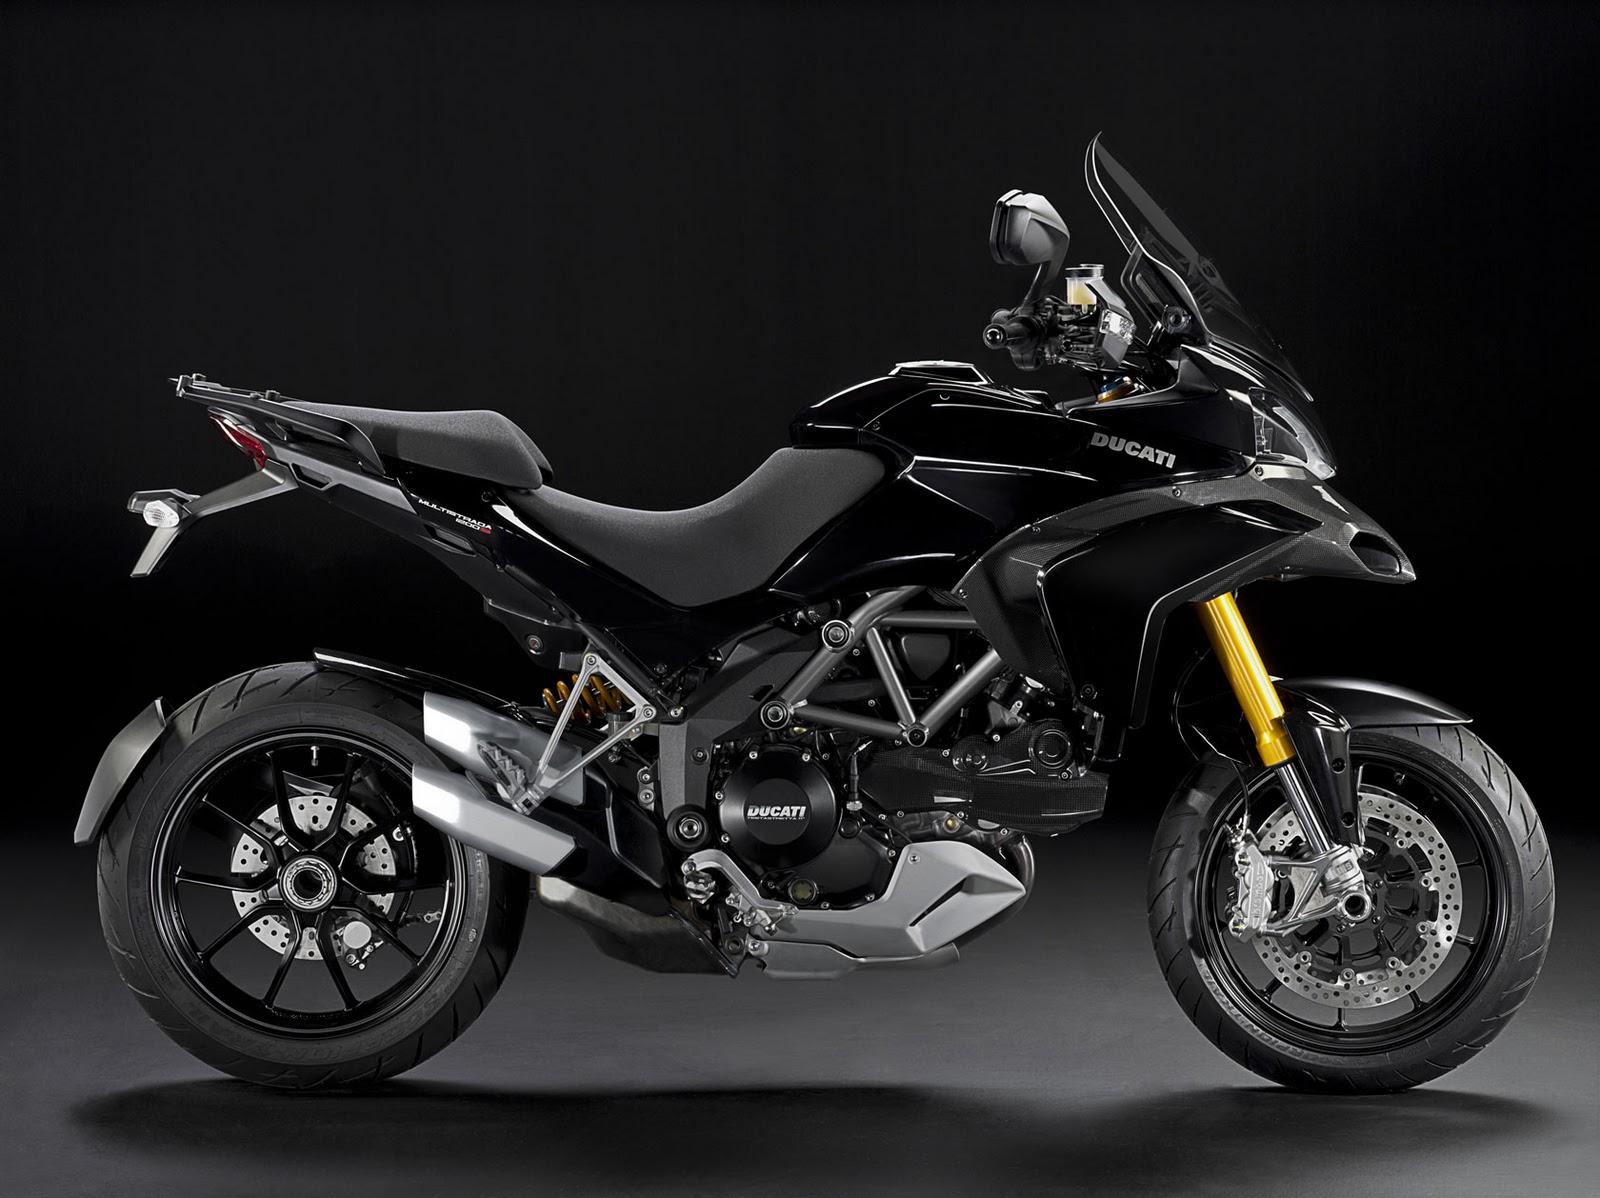 Ducati Multistrada 1200 S Touring Concept